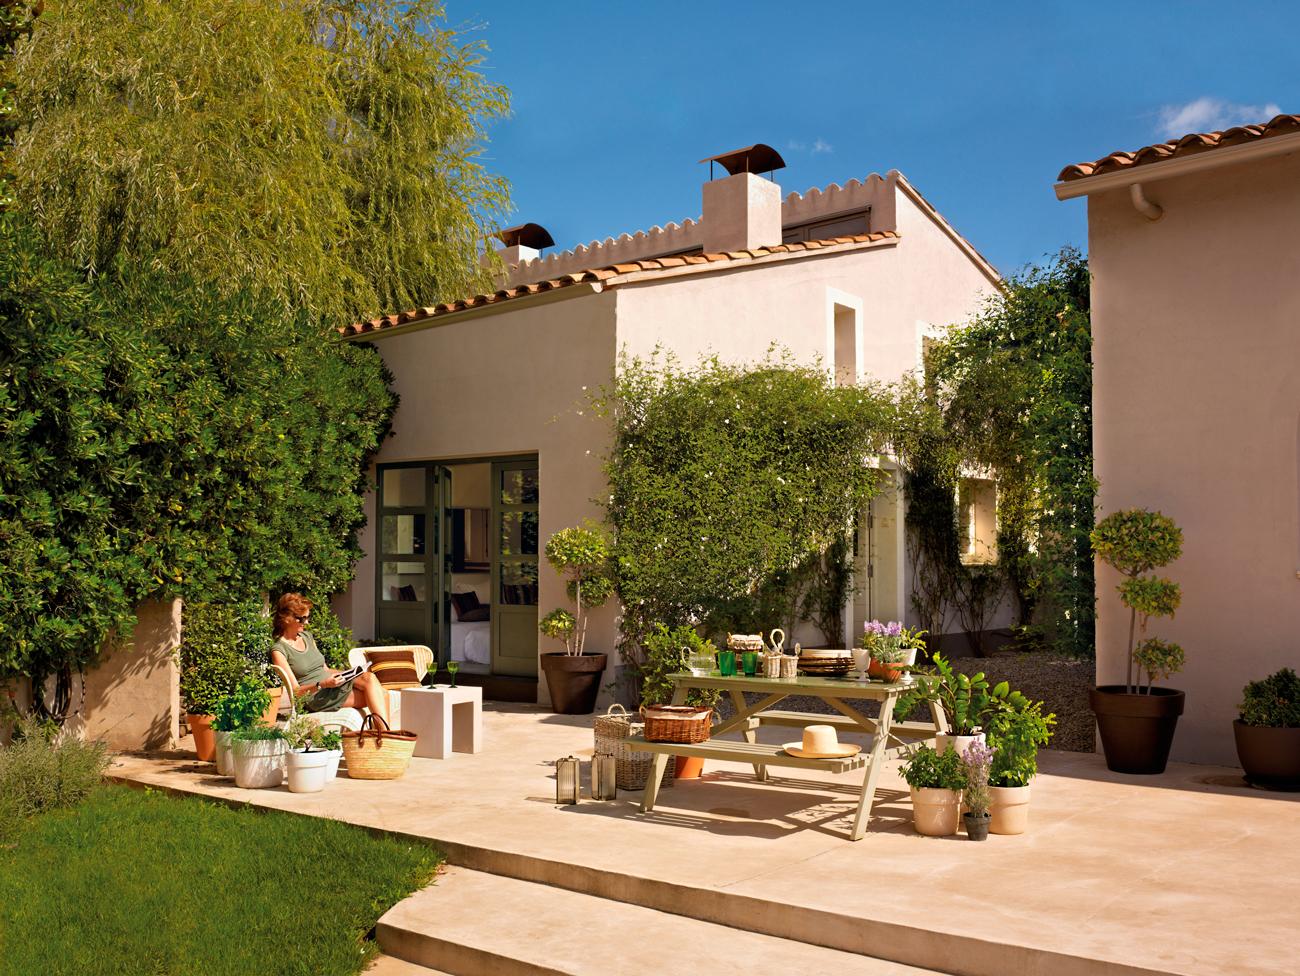 Casa Muebles De Jardin Dise Os Arquitect Nicos Mimasku Com # Casa Nunez Muebles De Jardin